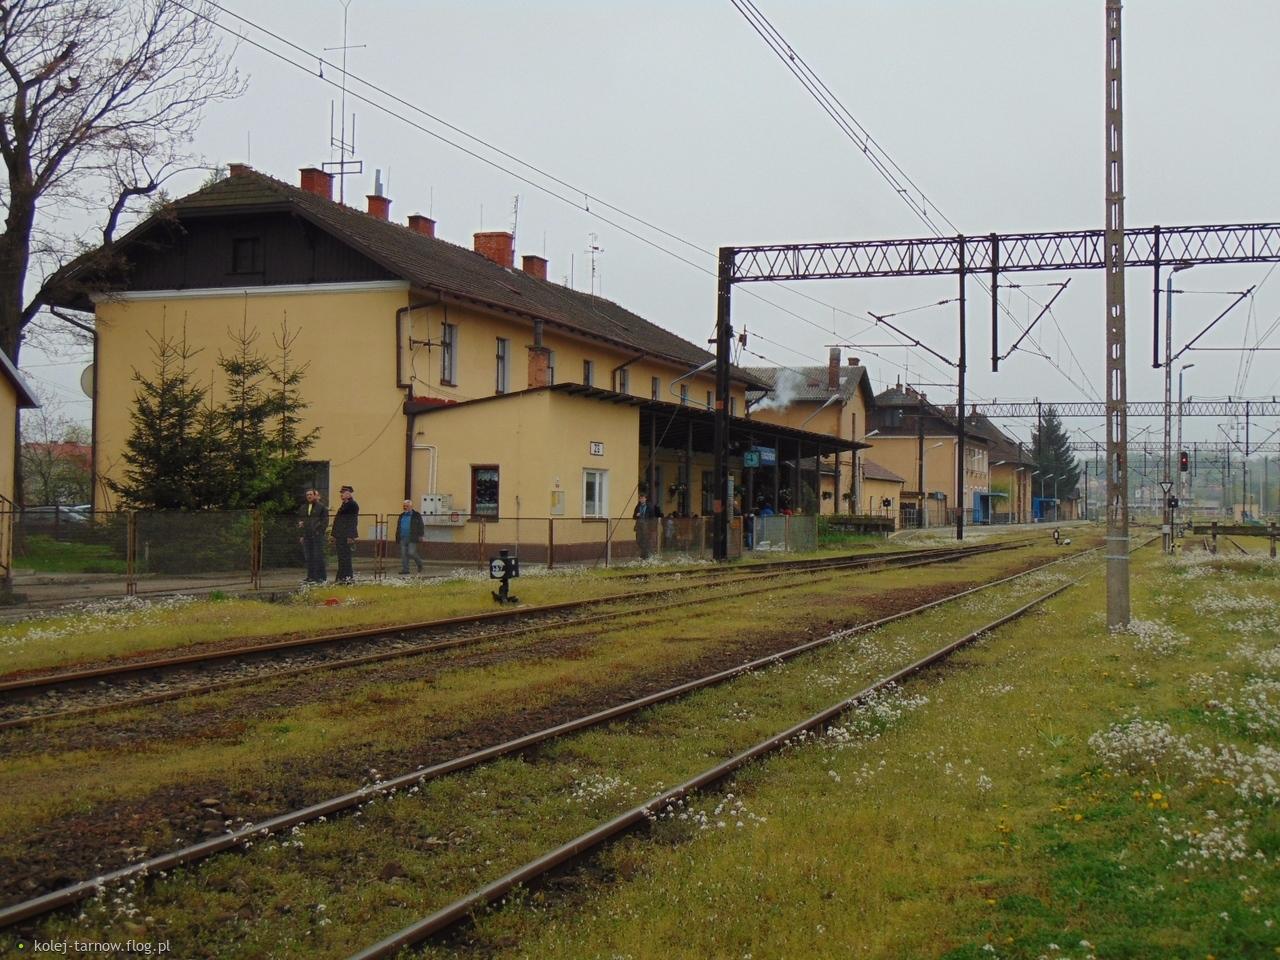 Dworzec kolejowy Gorlice Zagórzany